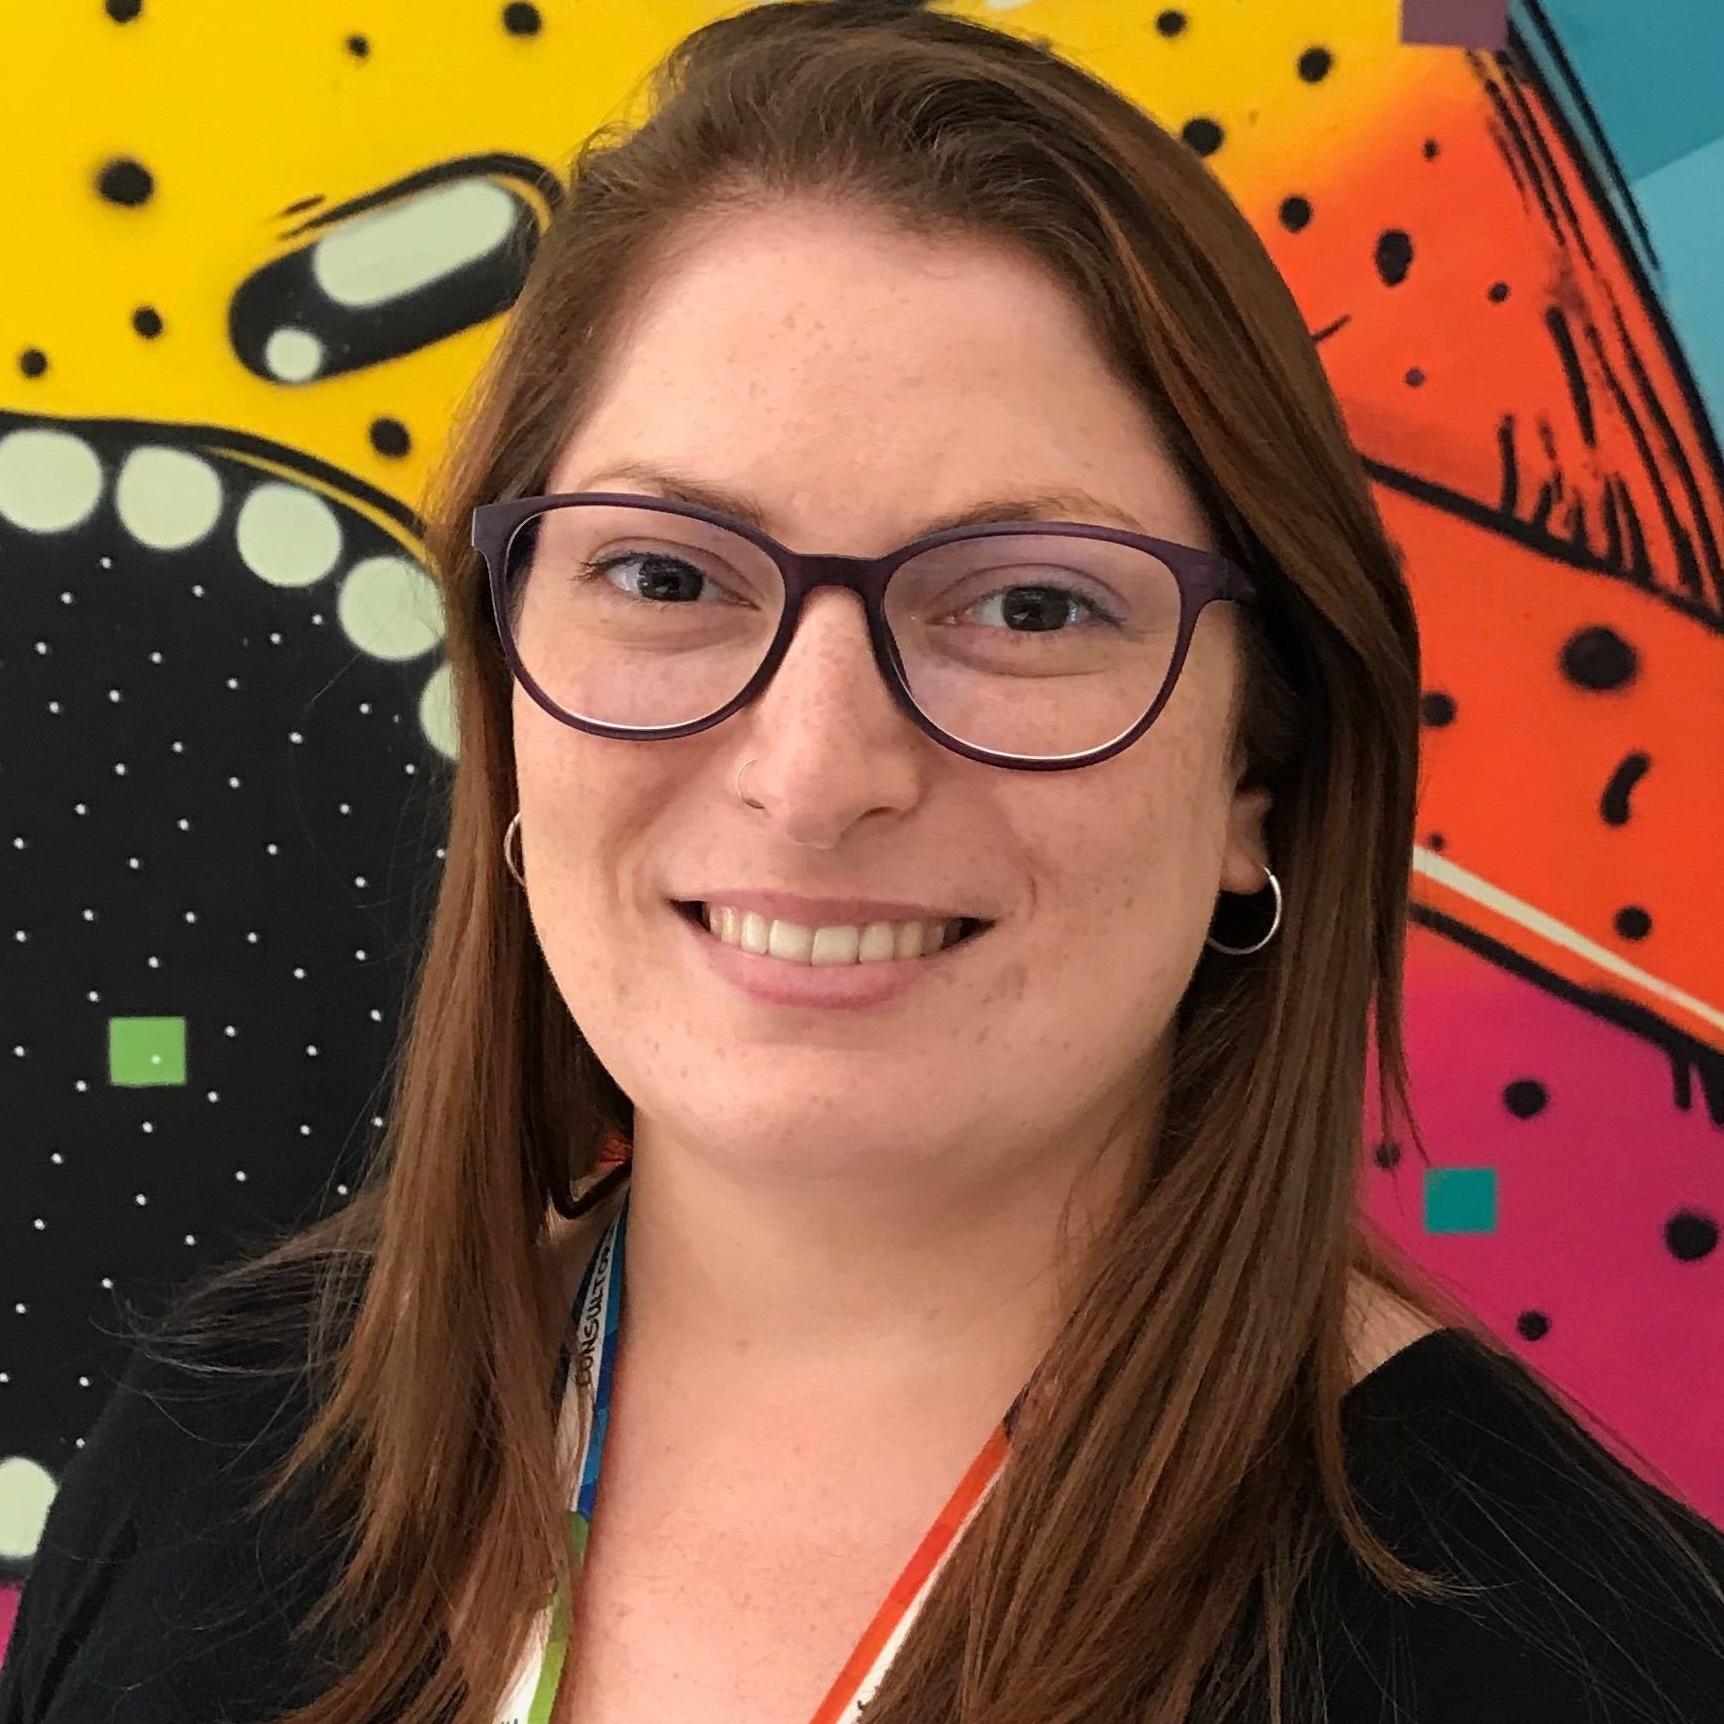 Natália Franciele de Oliveira